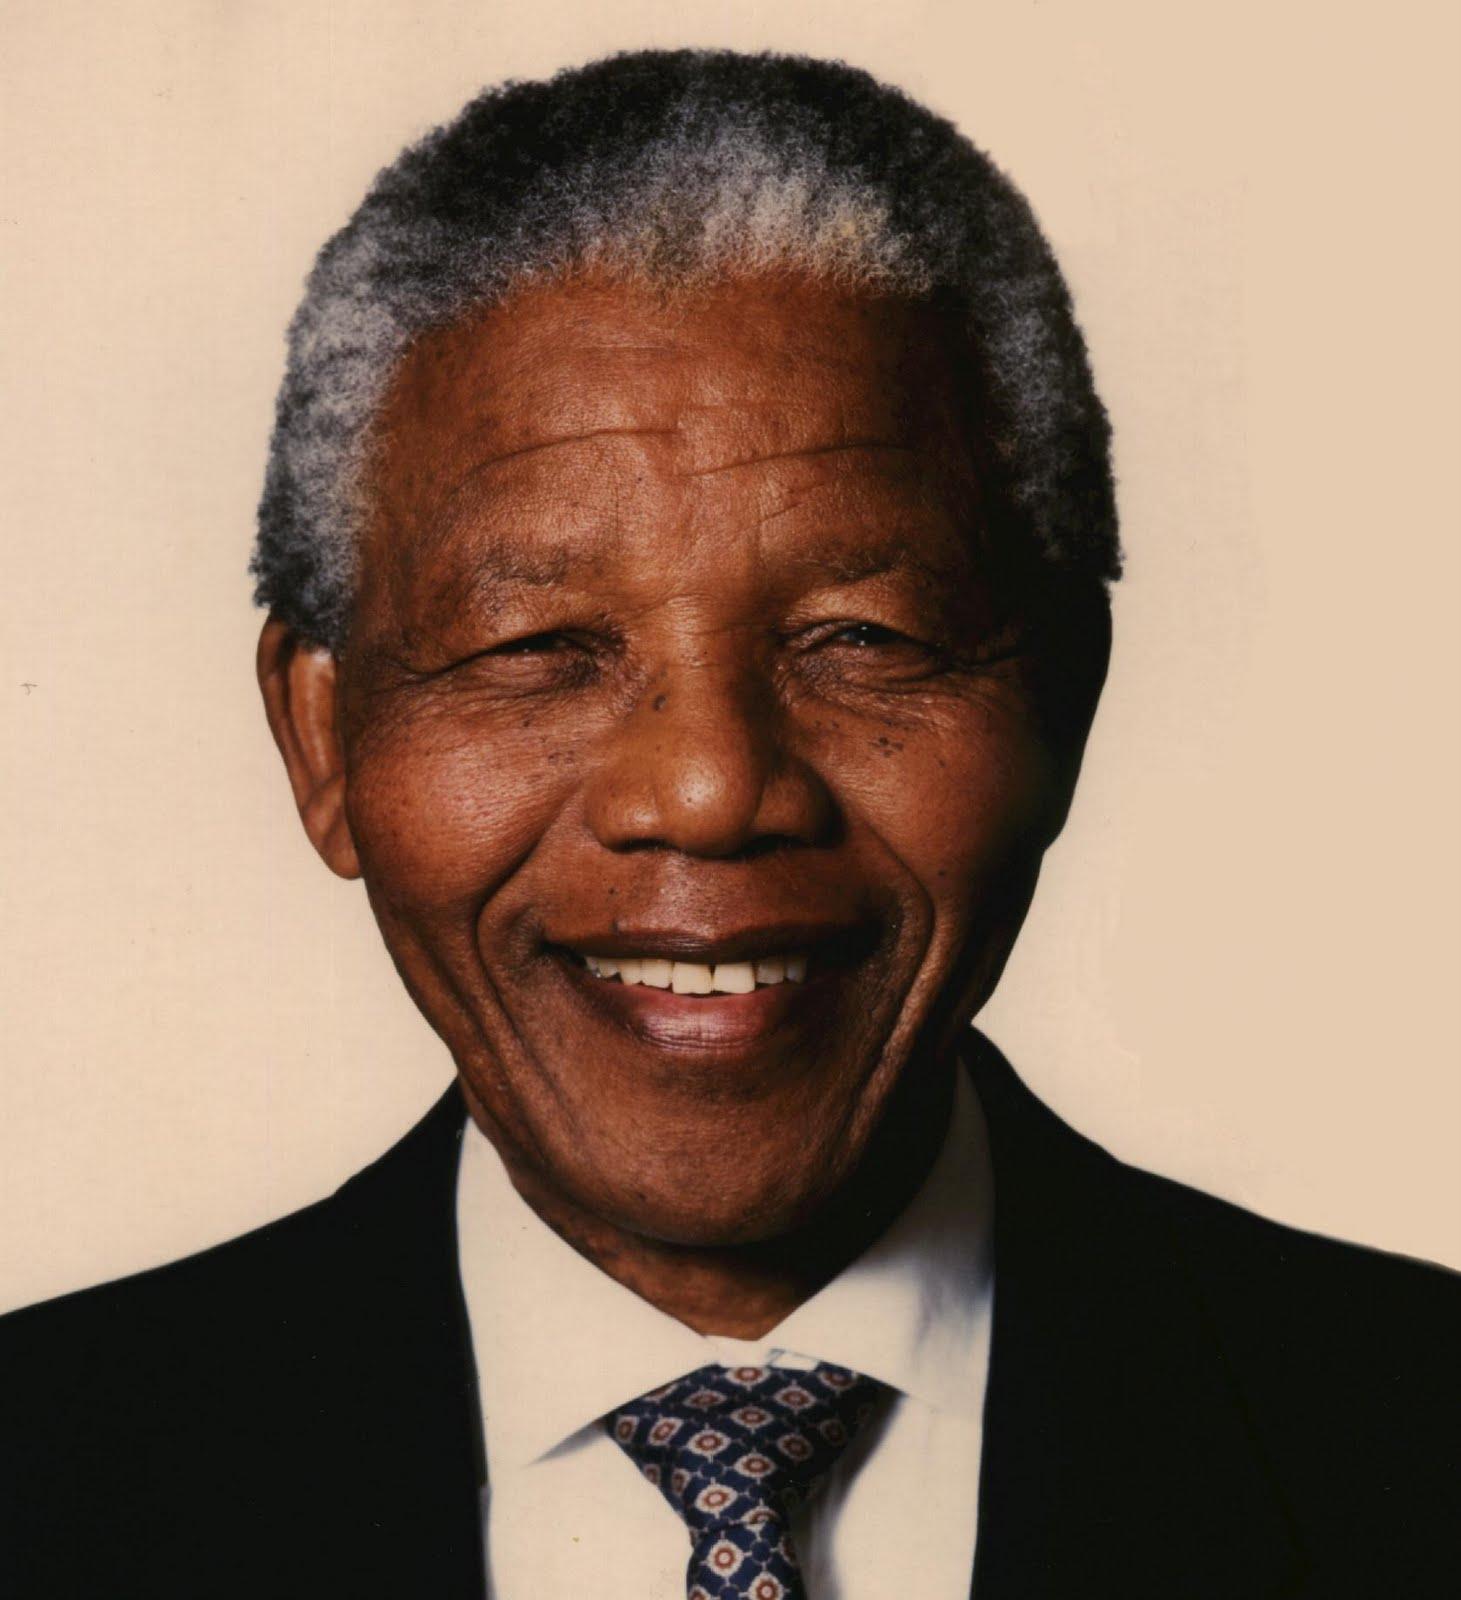 http://1.bp.blogspot.com/--IvlC-Kuqyc/TiRJOpim9uI/AAAAAAAABco/H6CdUzpkTEs/s1600/Nelson+Rolihlahla+Mandela.jpg